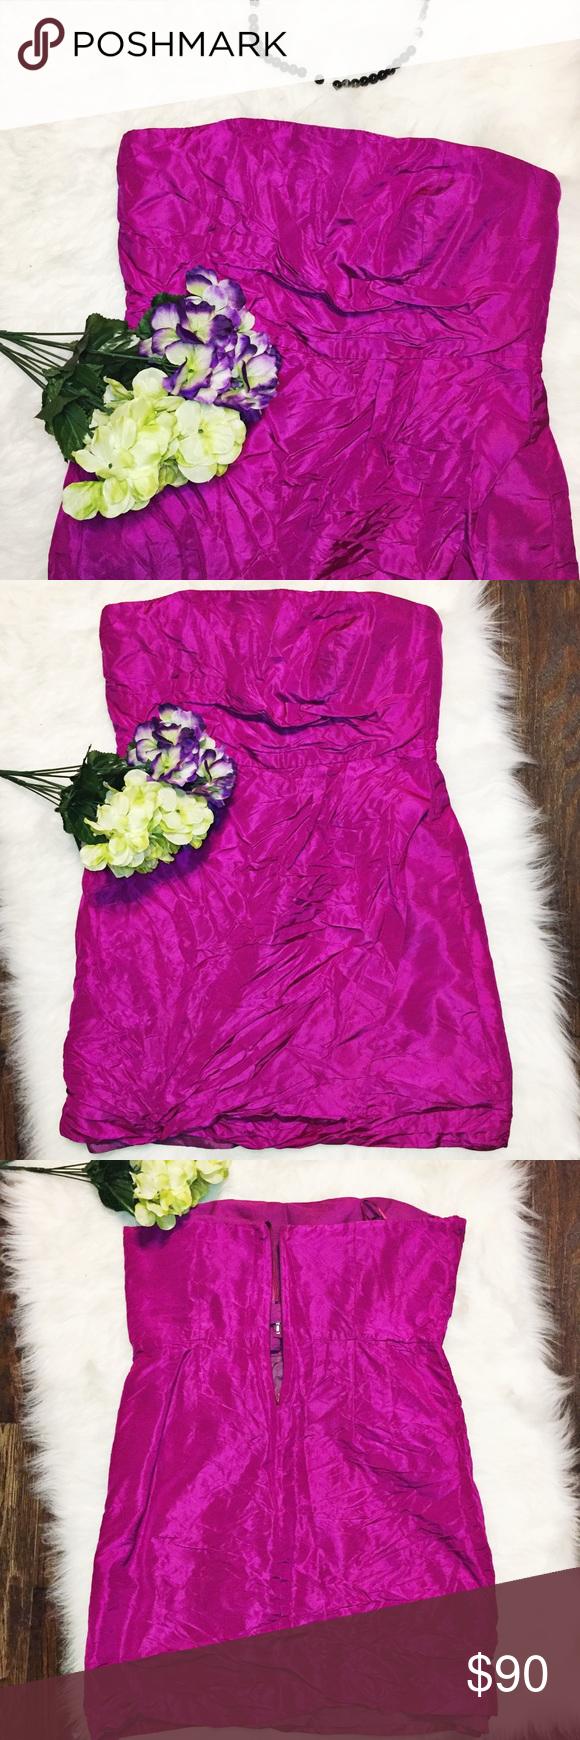 J.Crew • strapless dress • Selma in silk tafetta